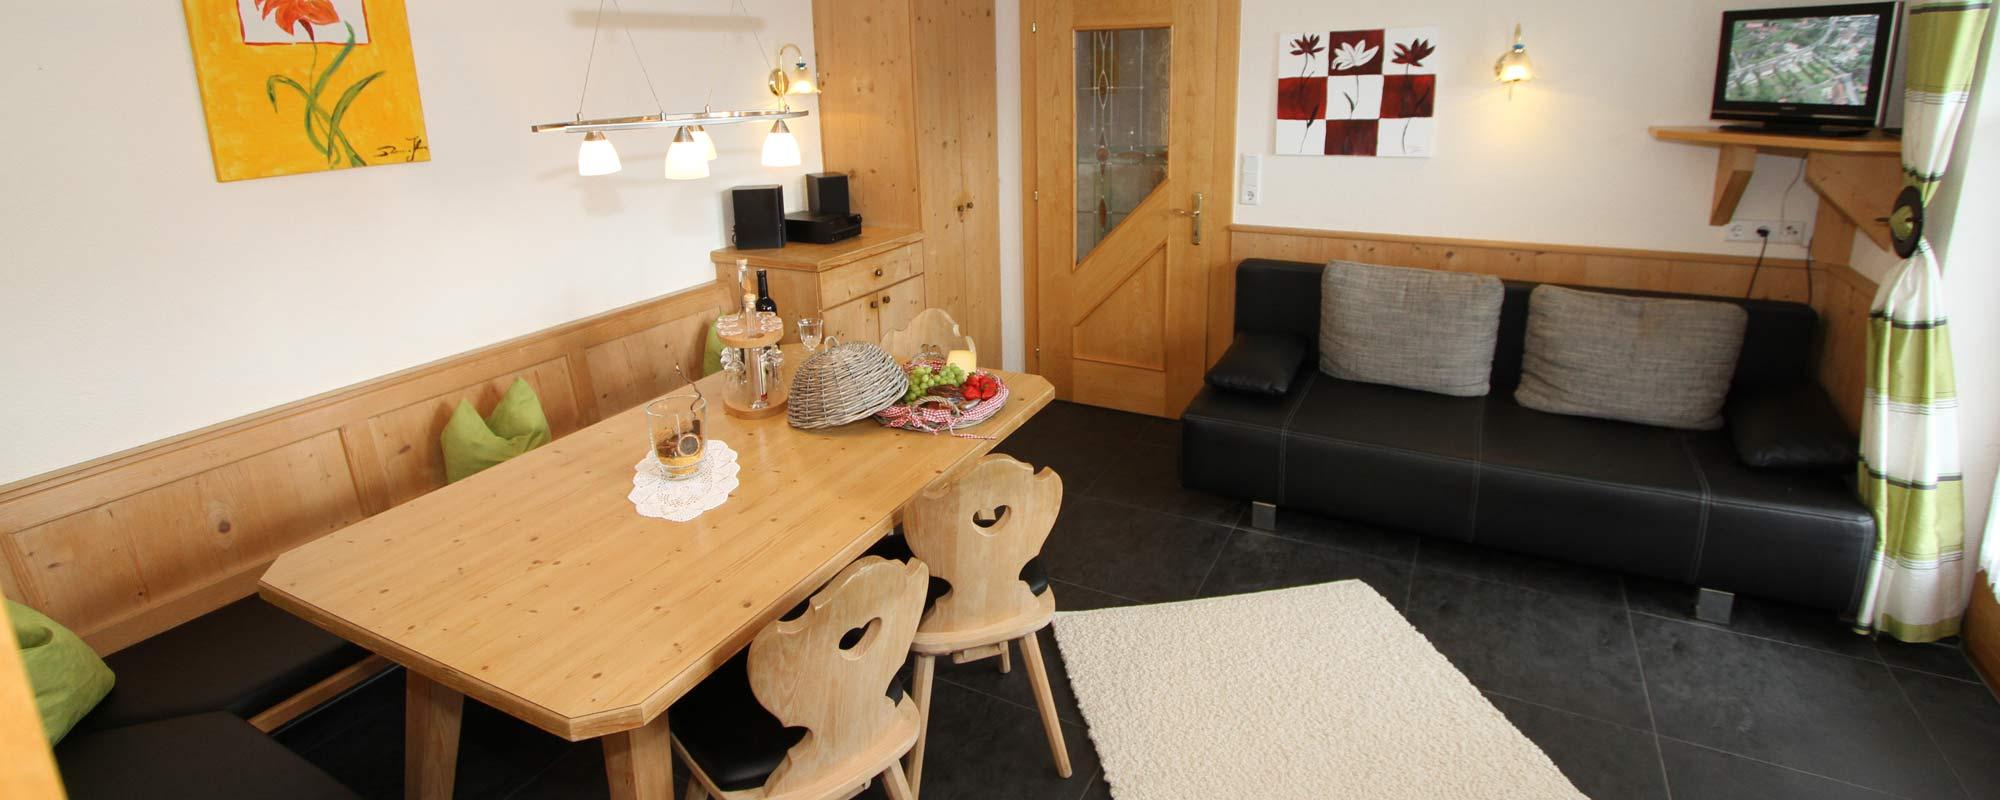 Apartment Sonne Essbereich Schönes Esszimmer mit Couch und Fernsehen